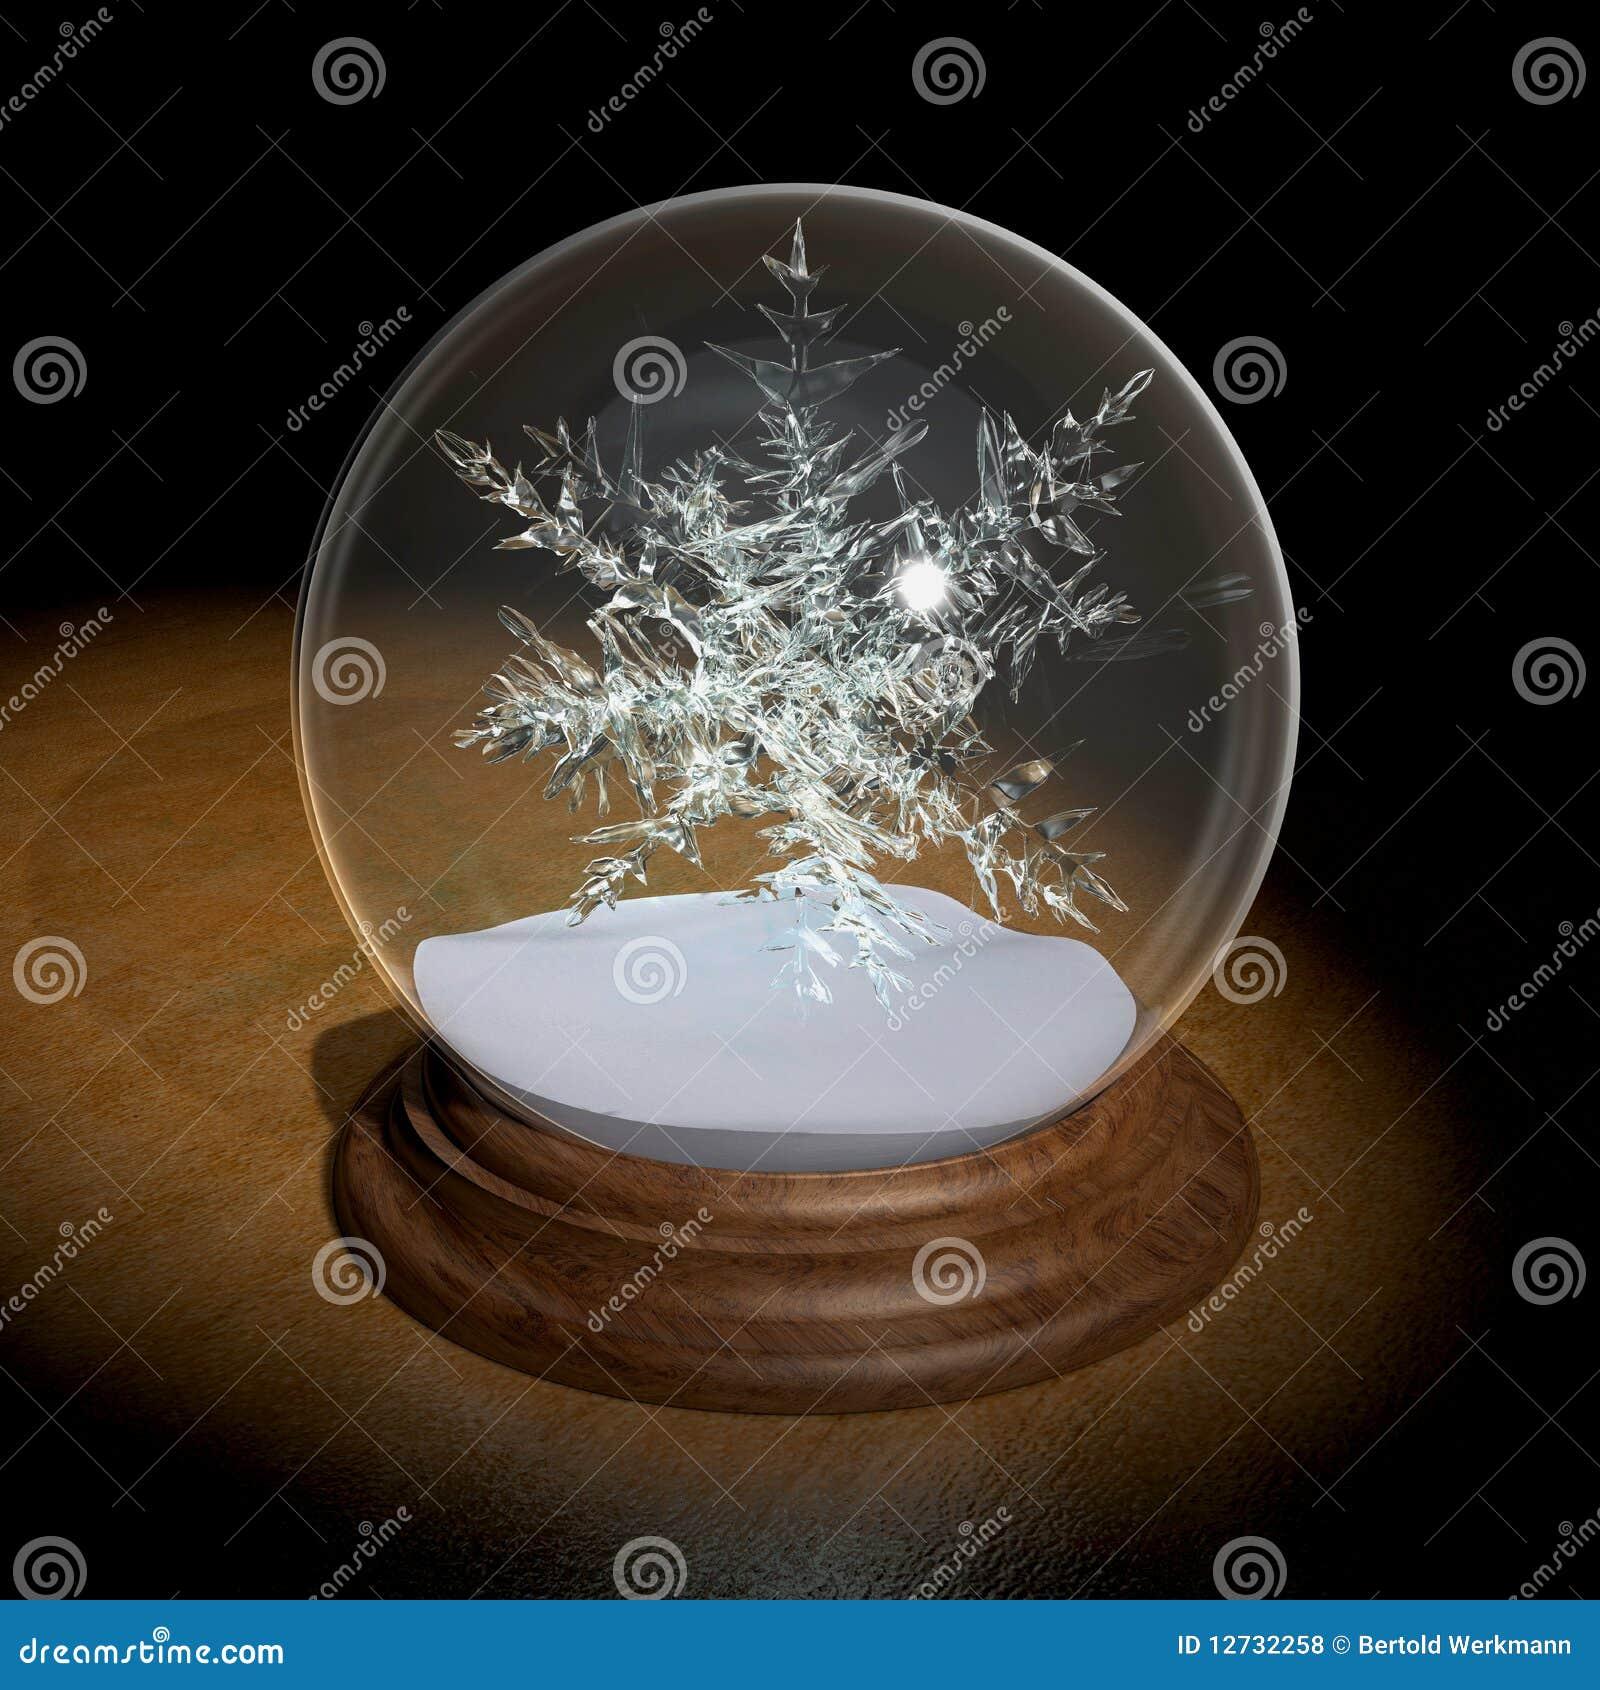 Pron stico cristal de la nieve de la bola fotos de archivo - Bola nieve cristal ...